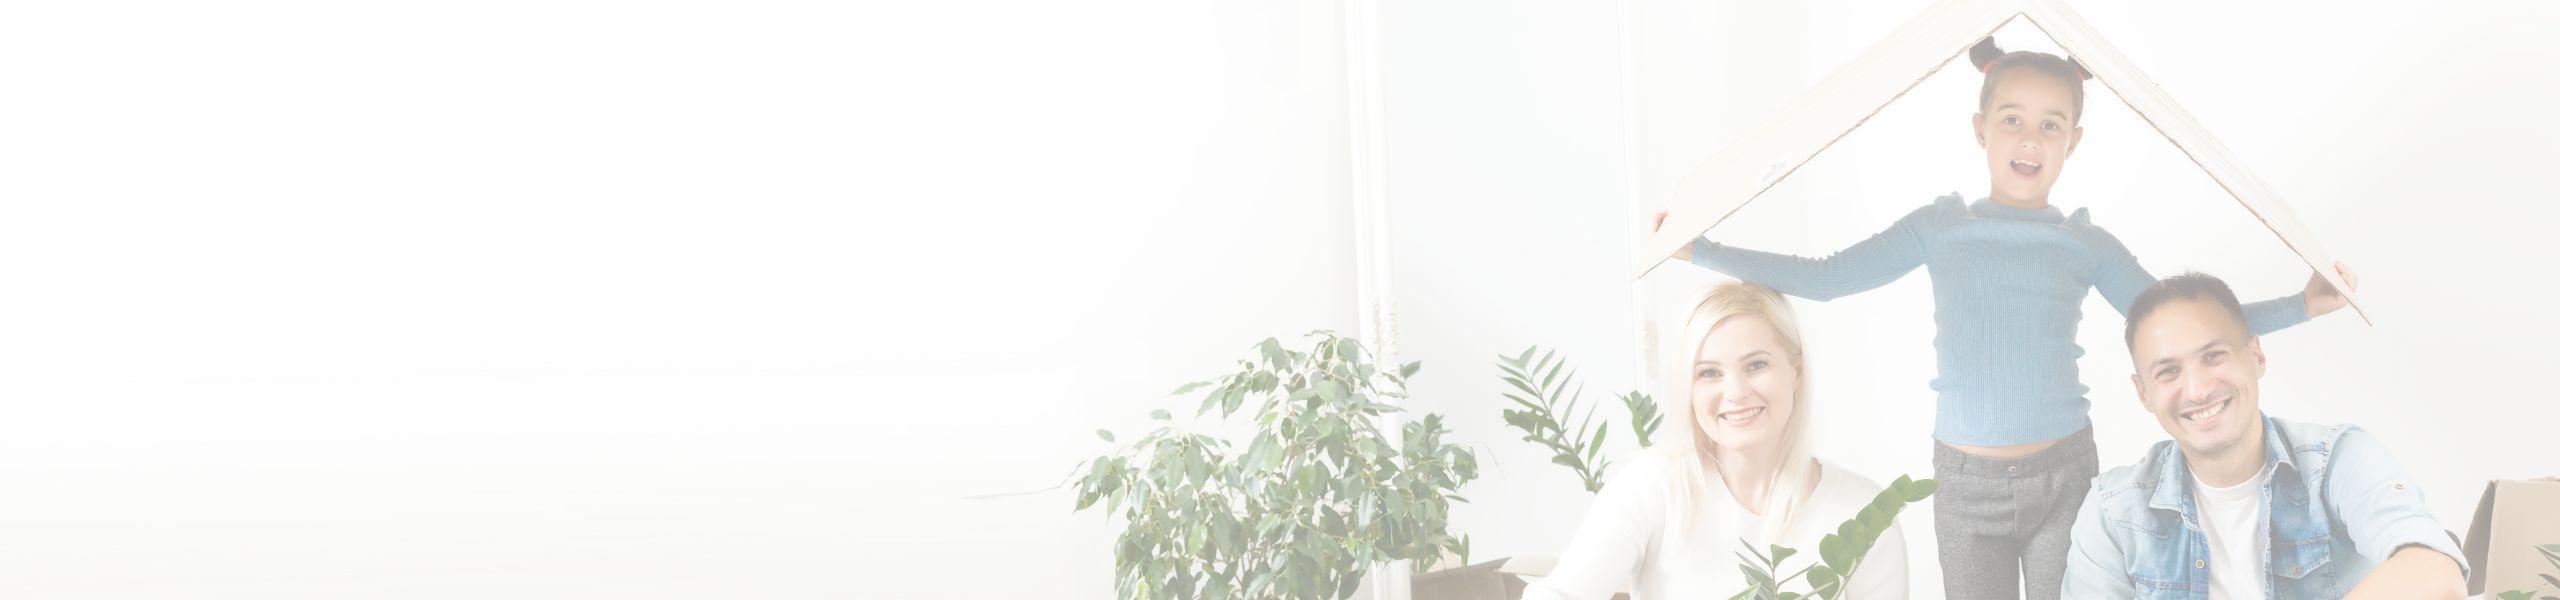 Jeune fille tenant un toit en carton ici la tête avec ses parents assis sur le sol juste à côté d'elle dans un salon